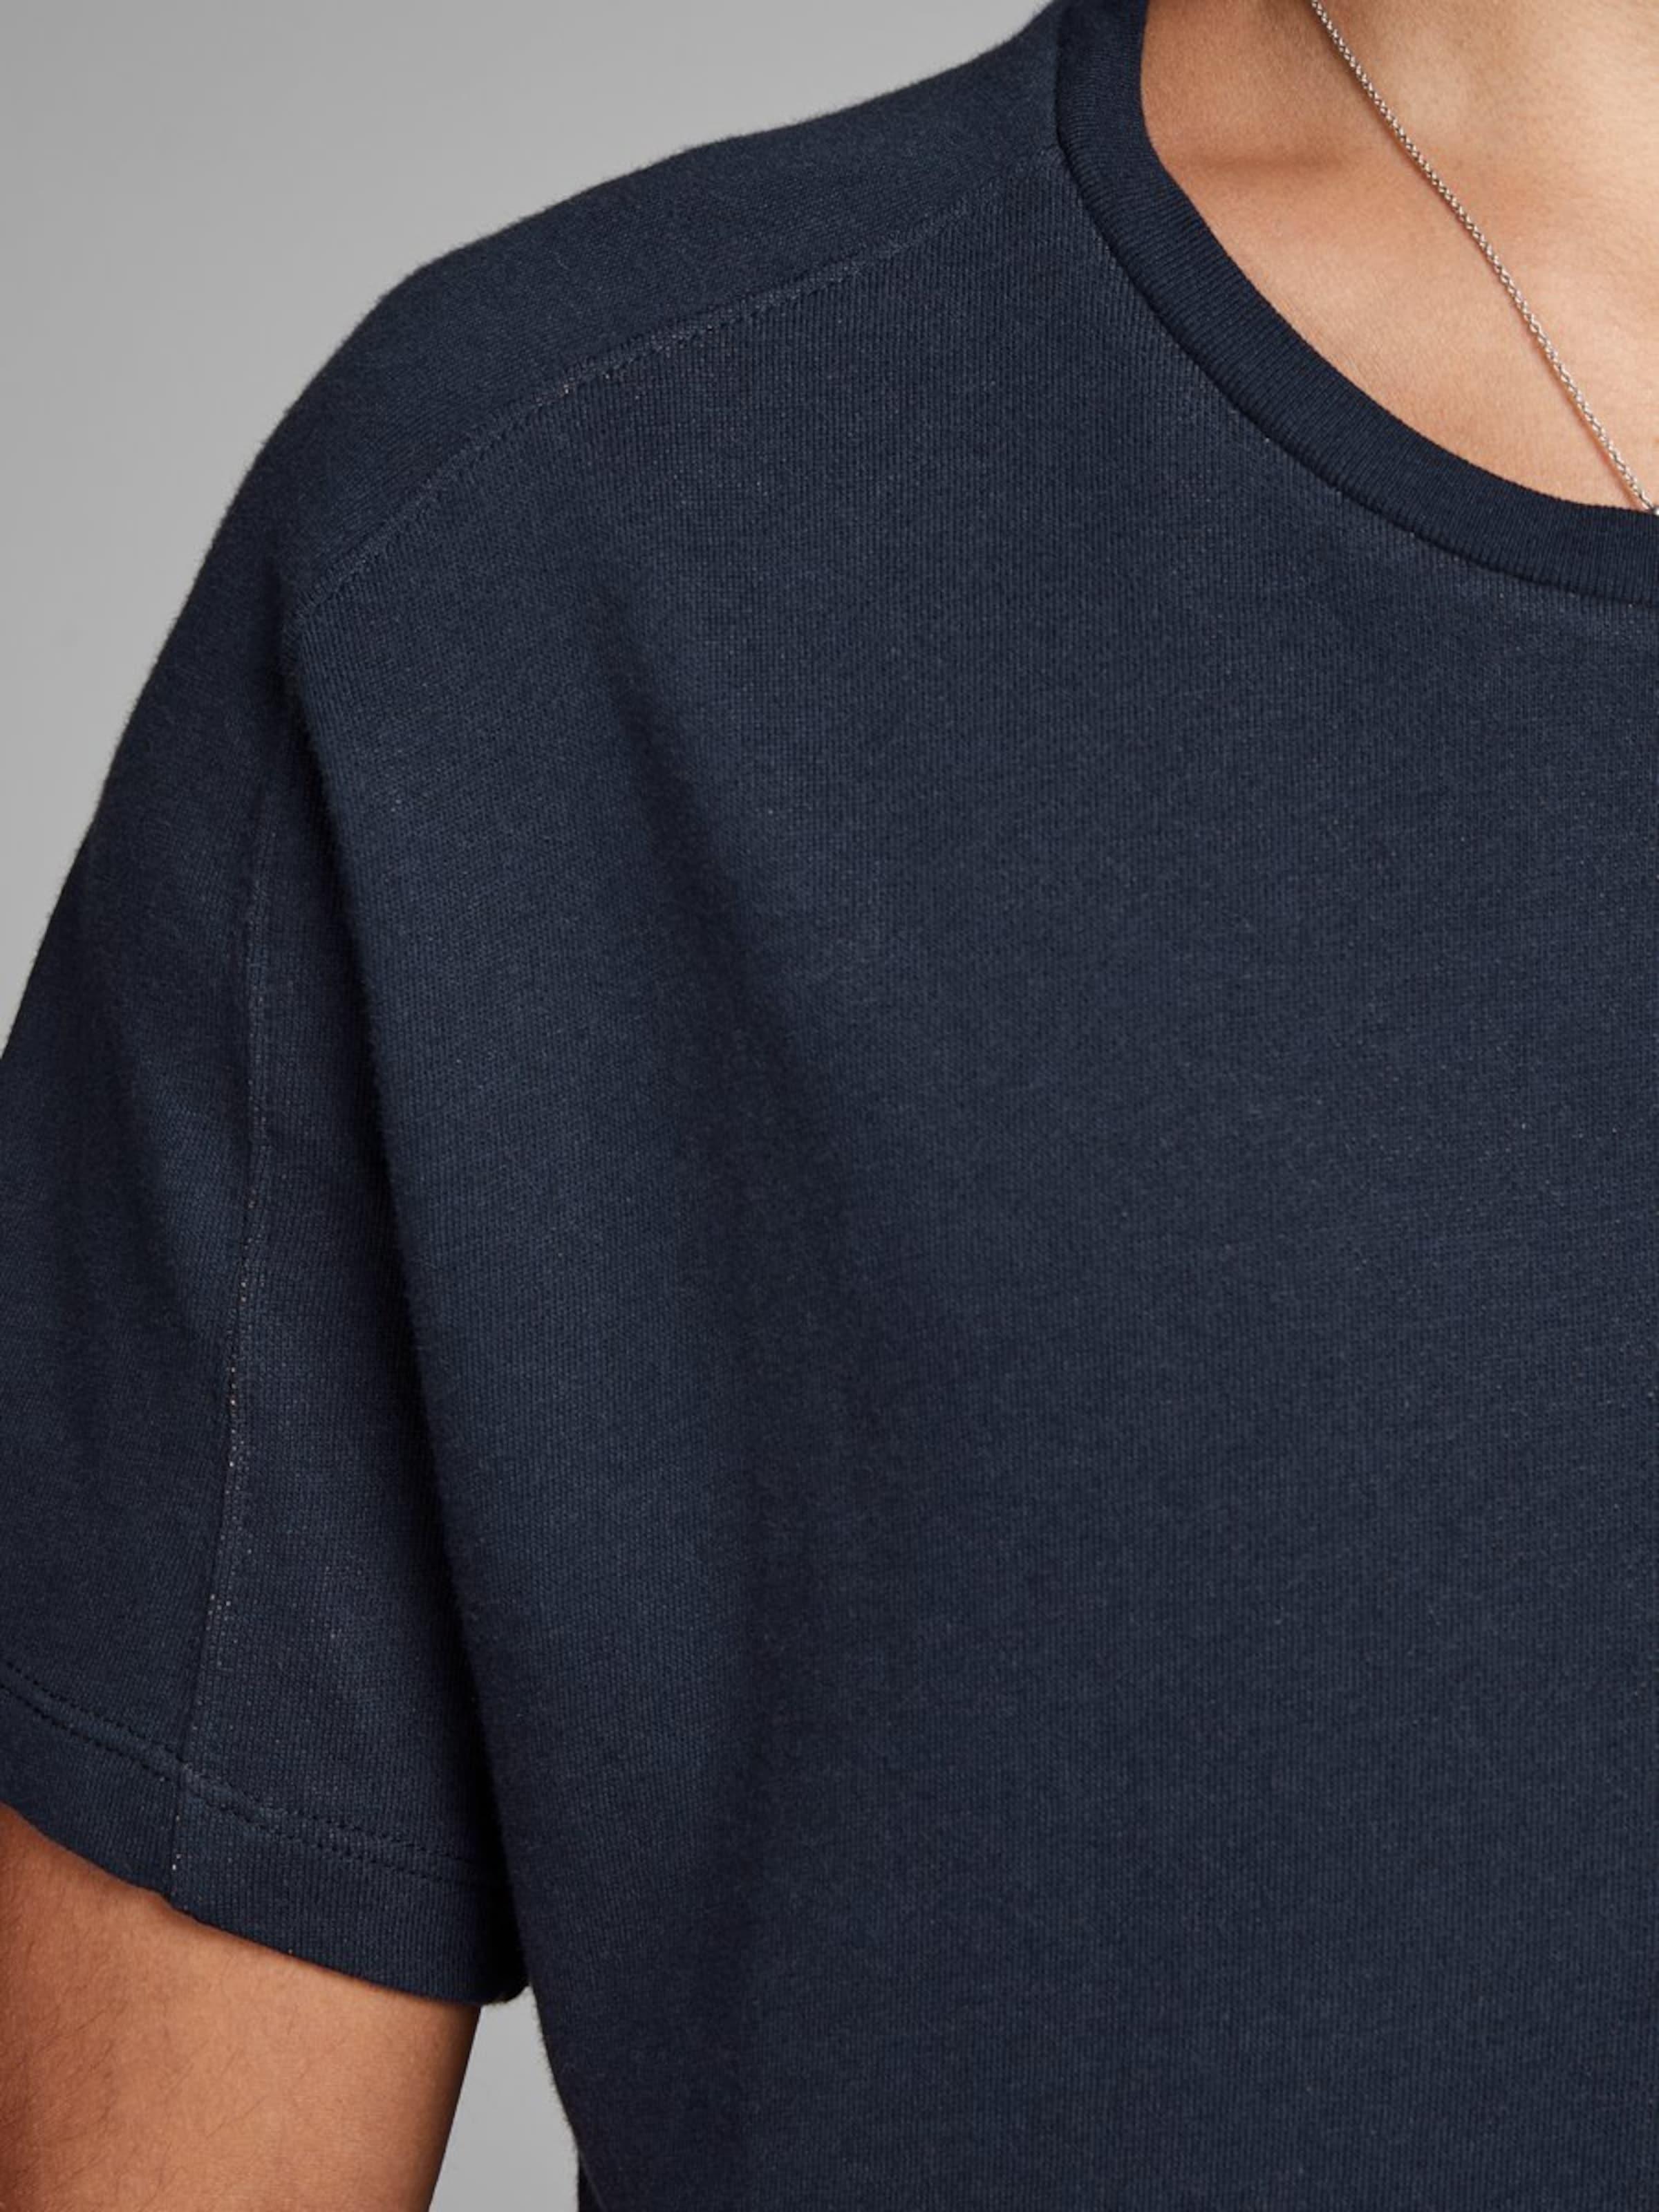 Jackamp; shirt Jones En Chiné T Gris 8vmnO0Nw